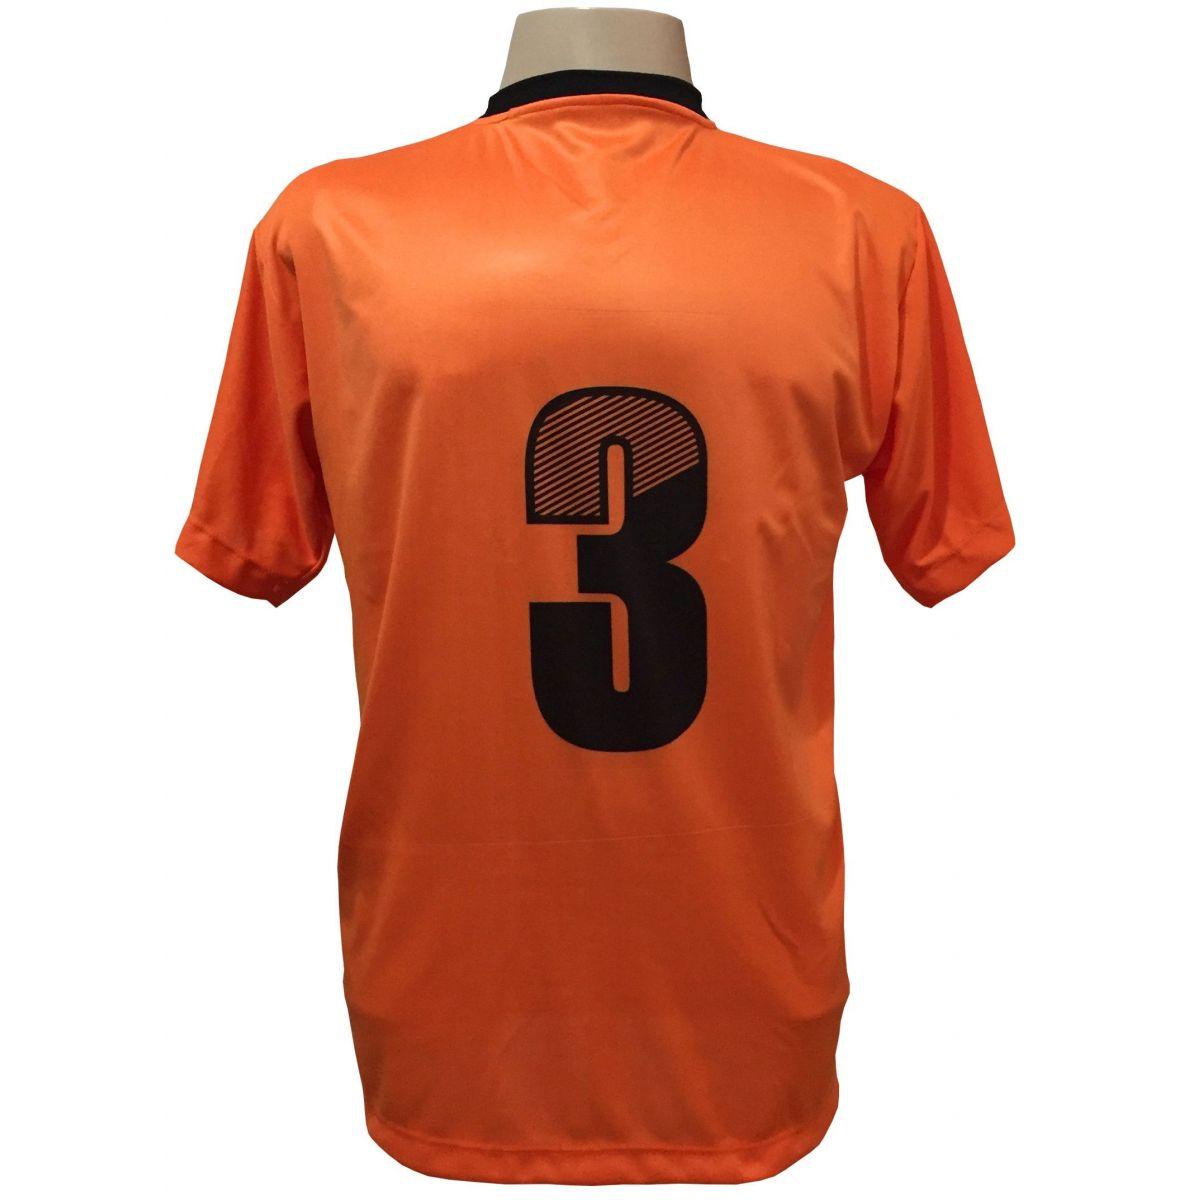 Jogo de Camisa com 20 unidades modelo Roma Laranja/Preto + 1 Goleiro + Brindes